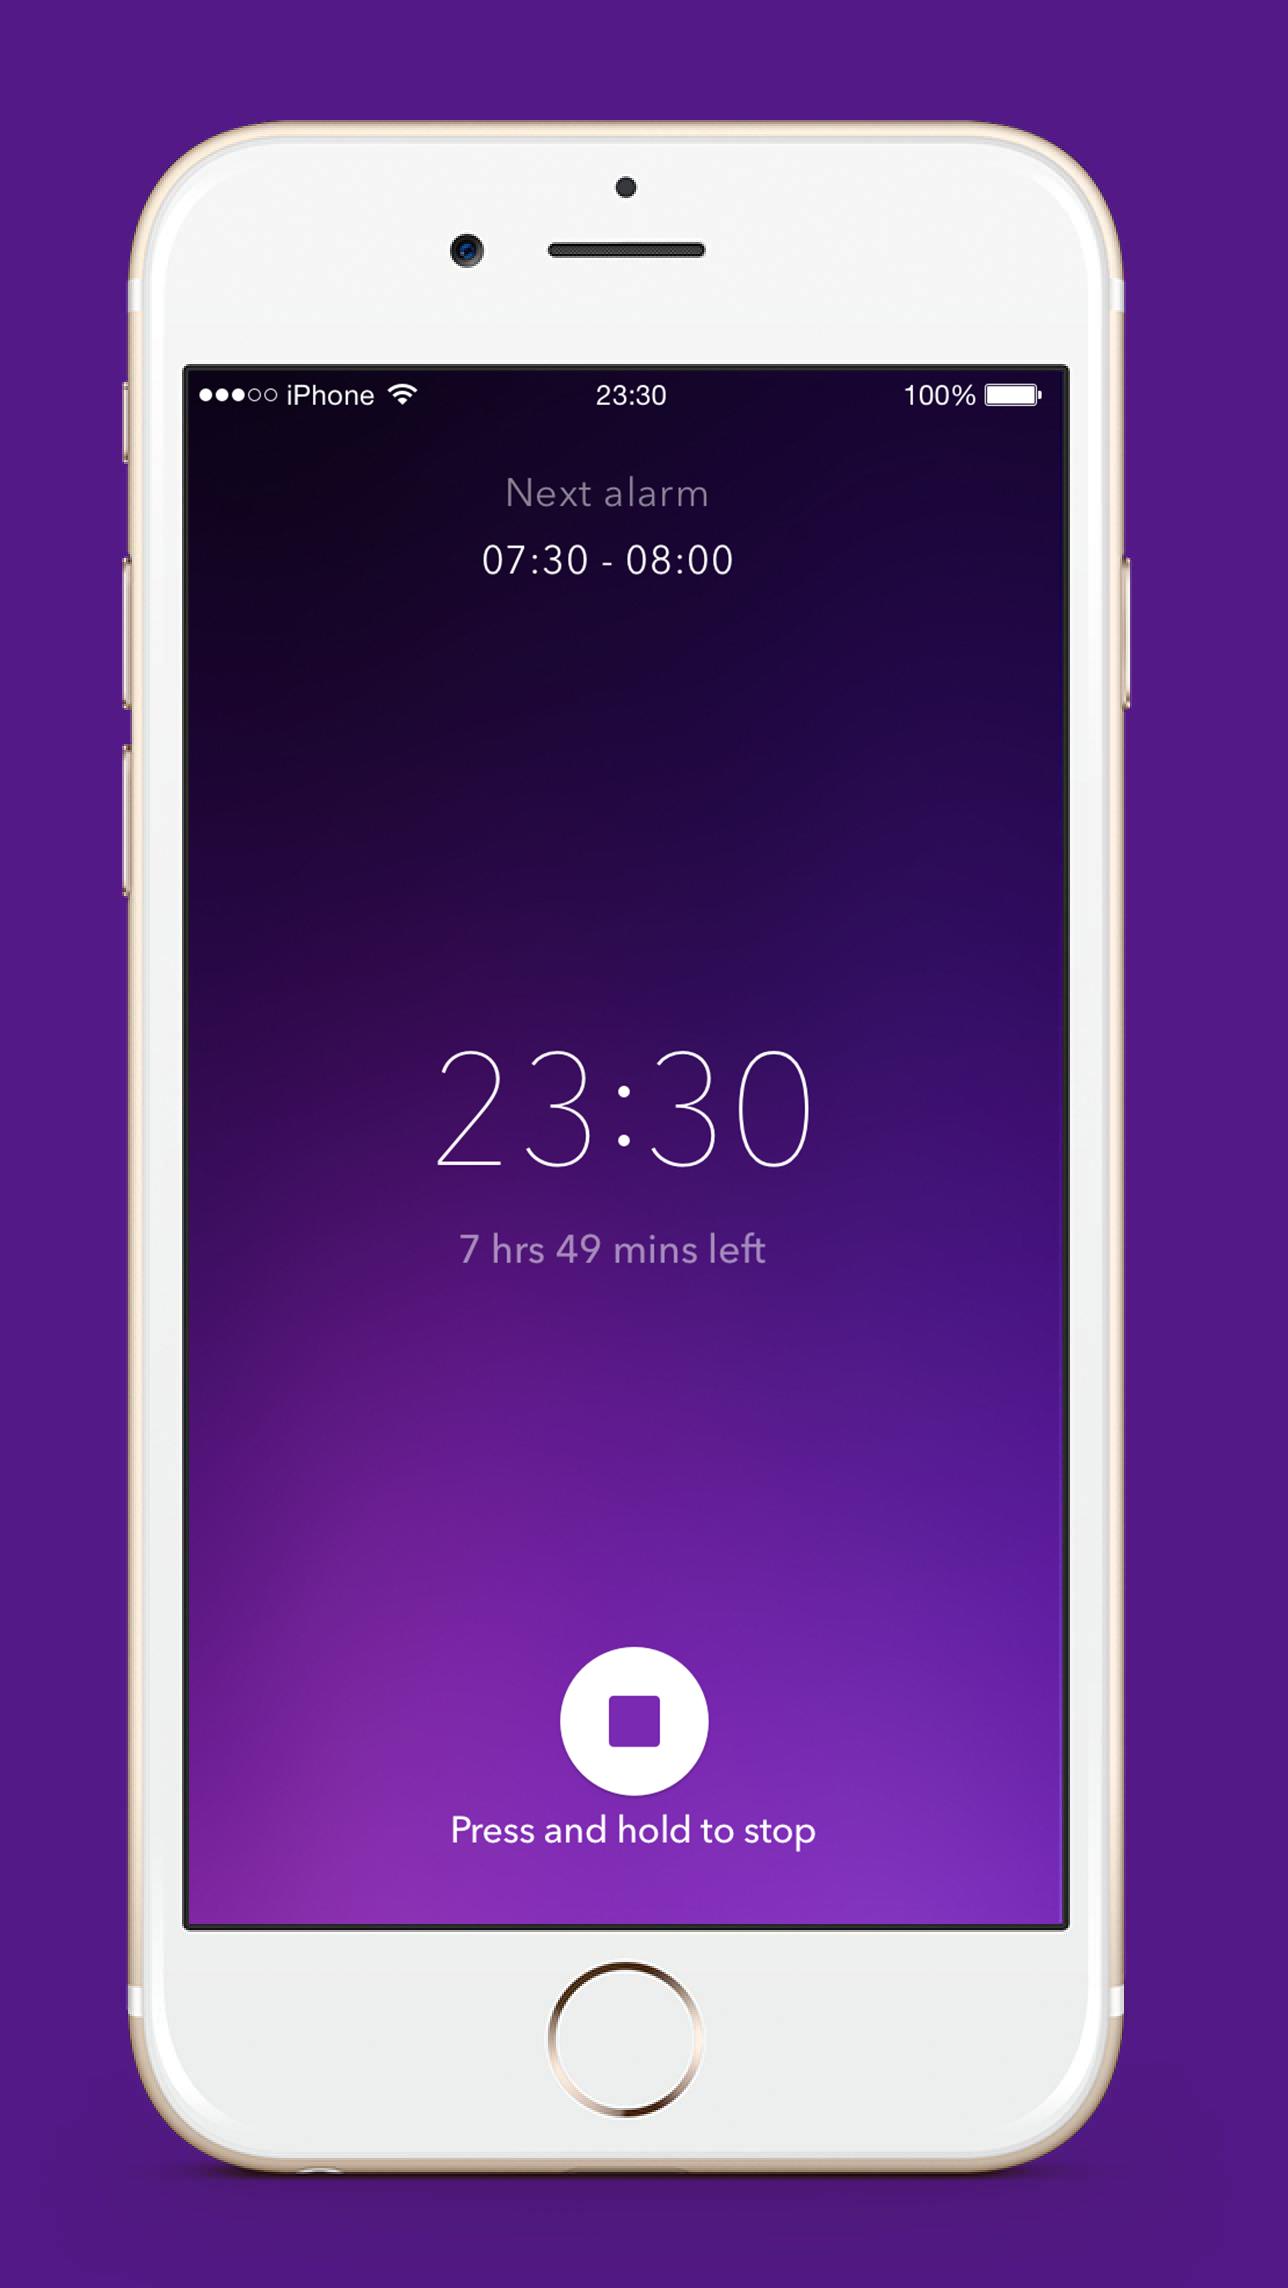 alarm-monitoring@2x